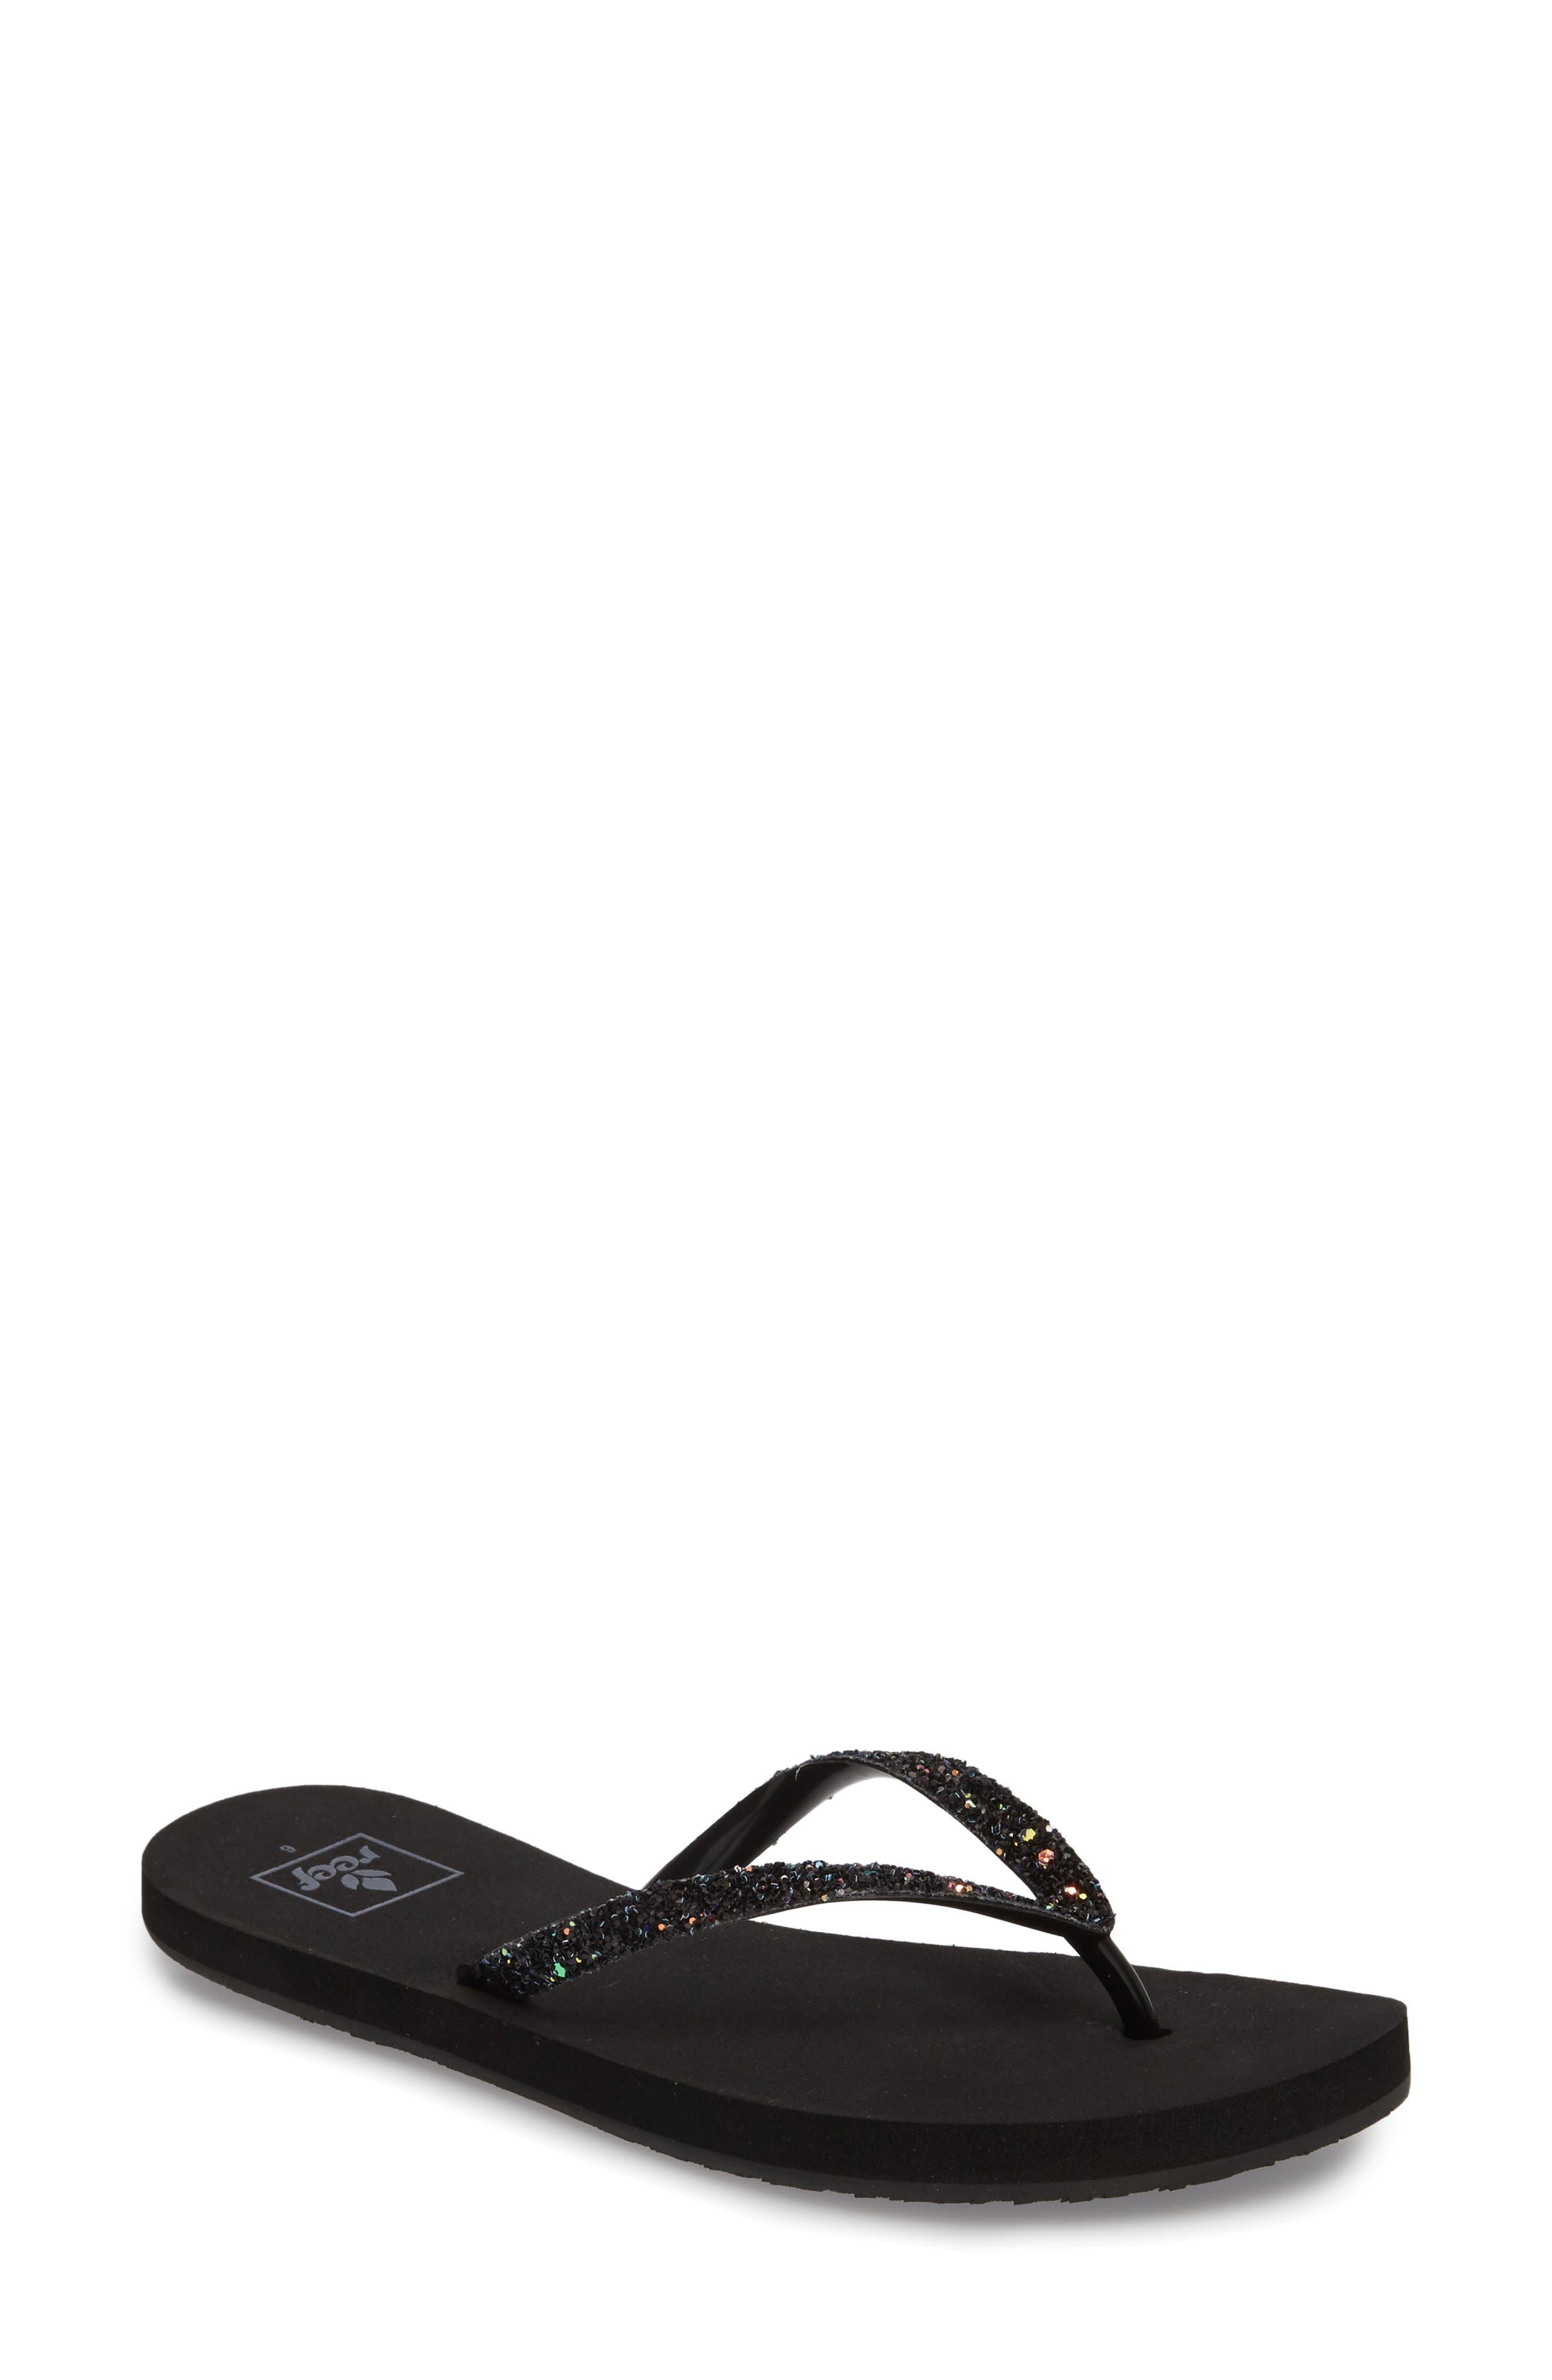 795c47fc8 Women s Reef Sandals